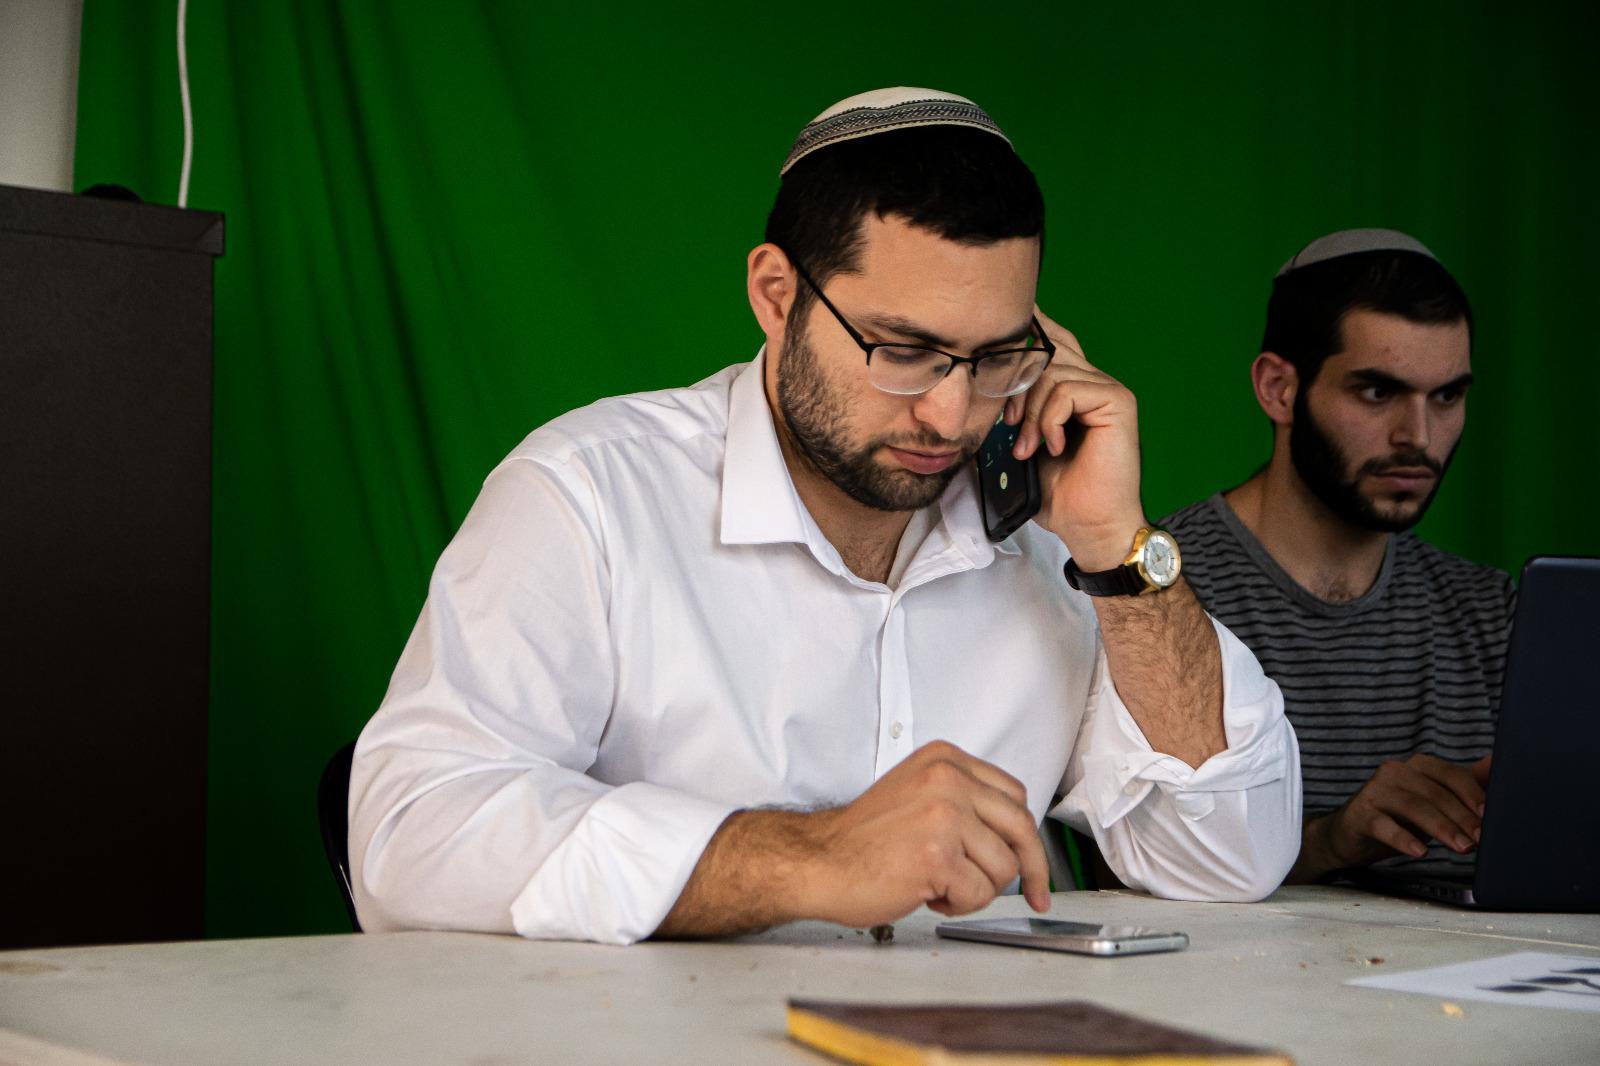 סקר מנדטים חדש: יהדות התורה צונחת, עוצמה יהודית קרובה מאד לאחוז החסימה